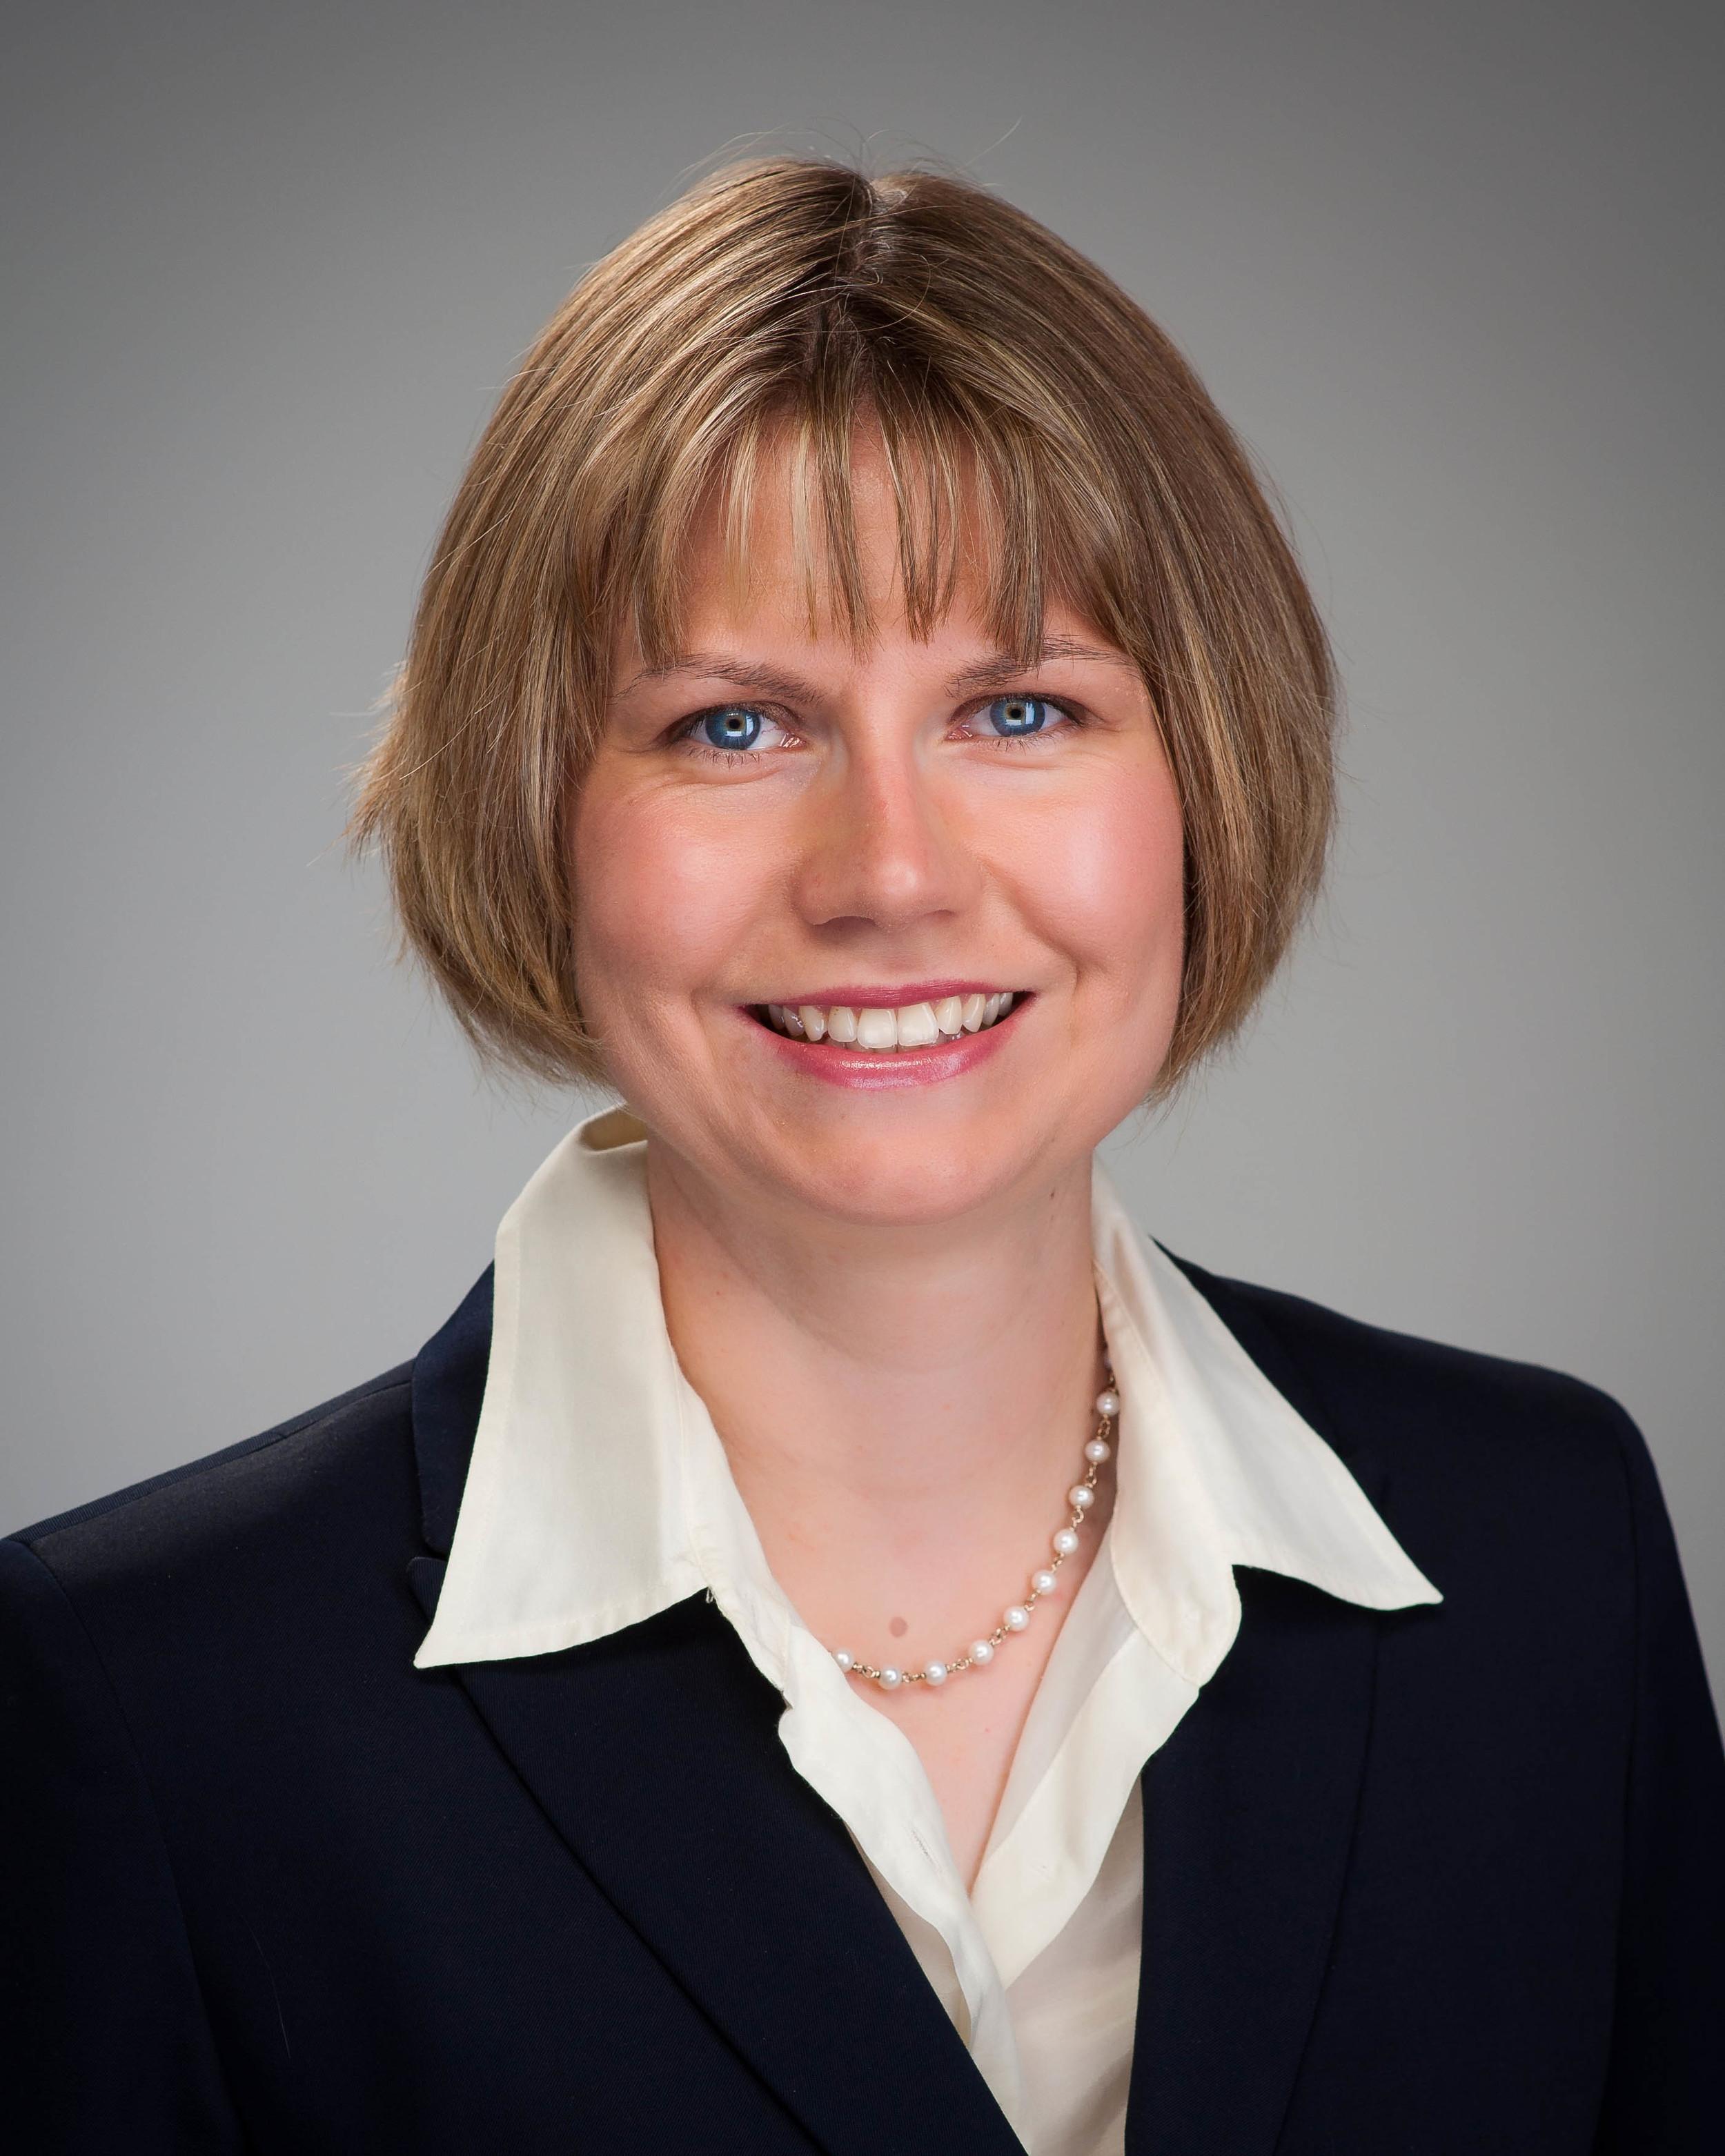 Amy Butrymowicz